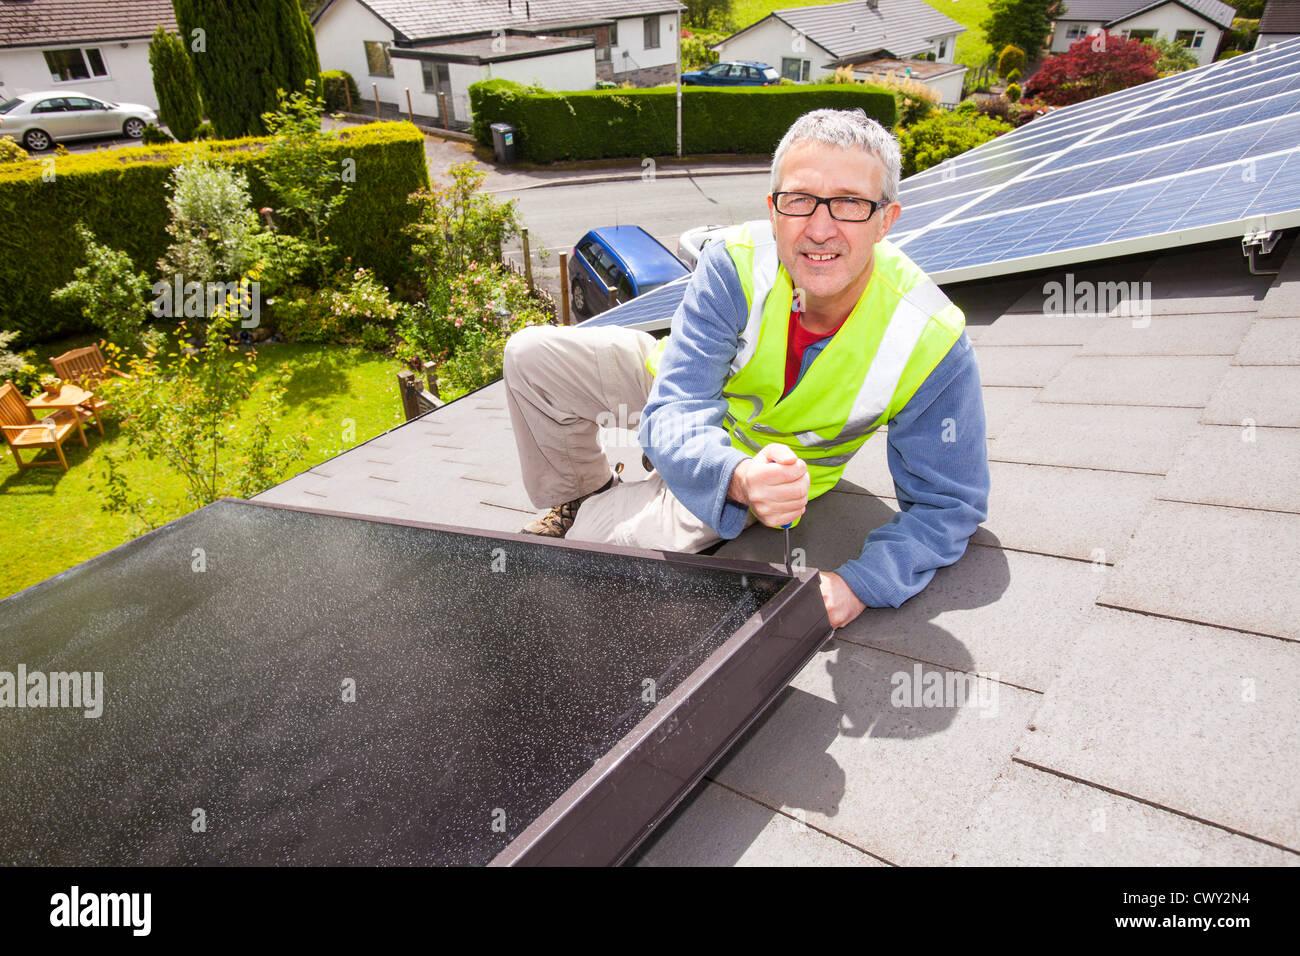 Un obrero colocación de paneles solares térmicos para calentar el agua, a una casa de techo en Ambleside, Imagen De Stock